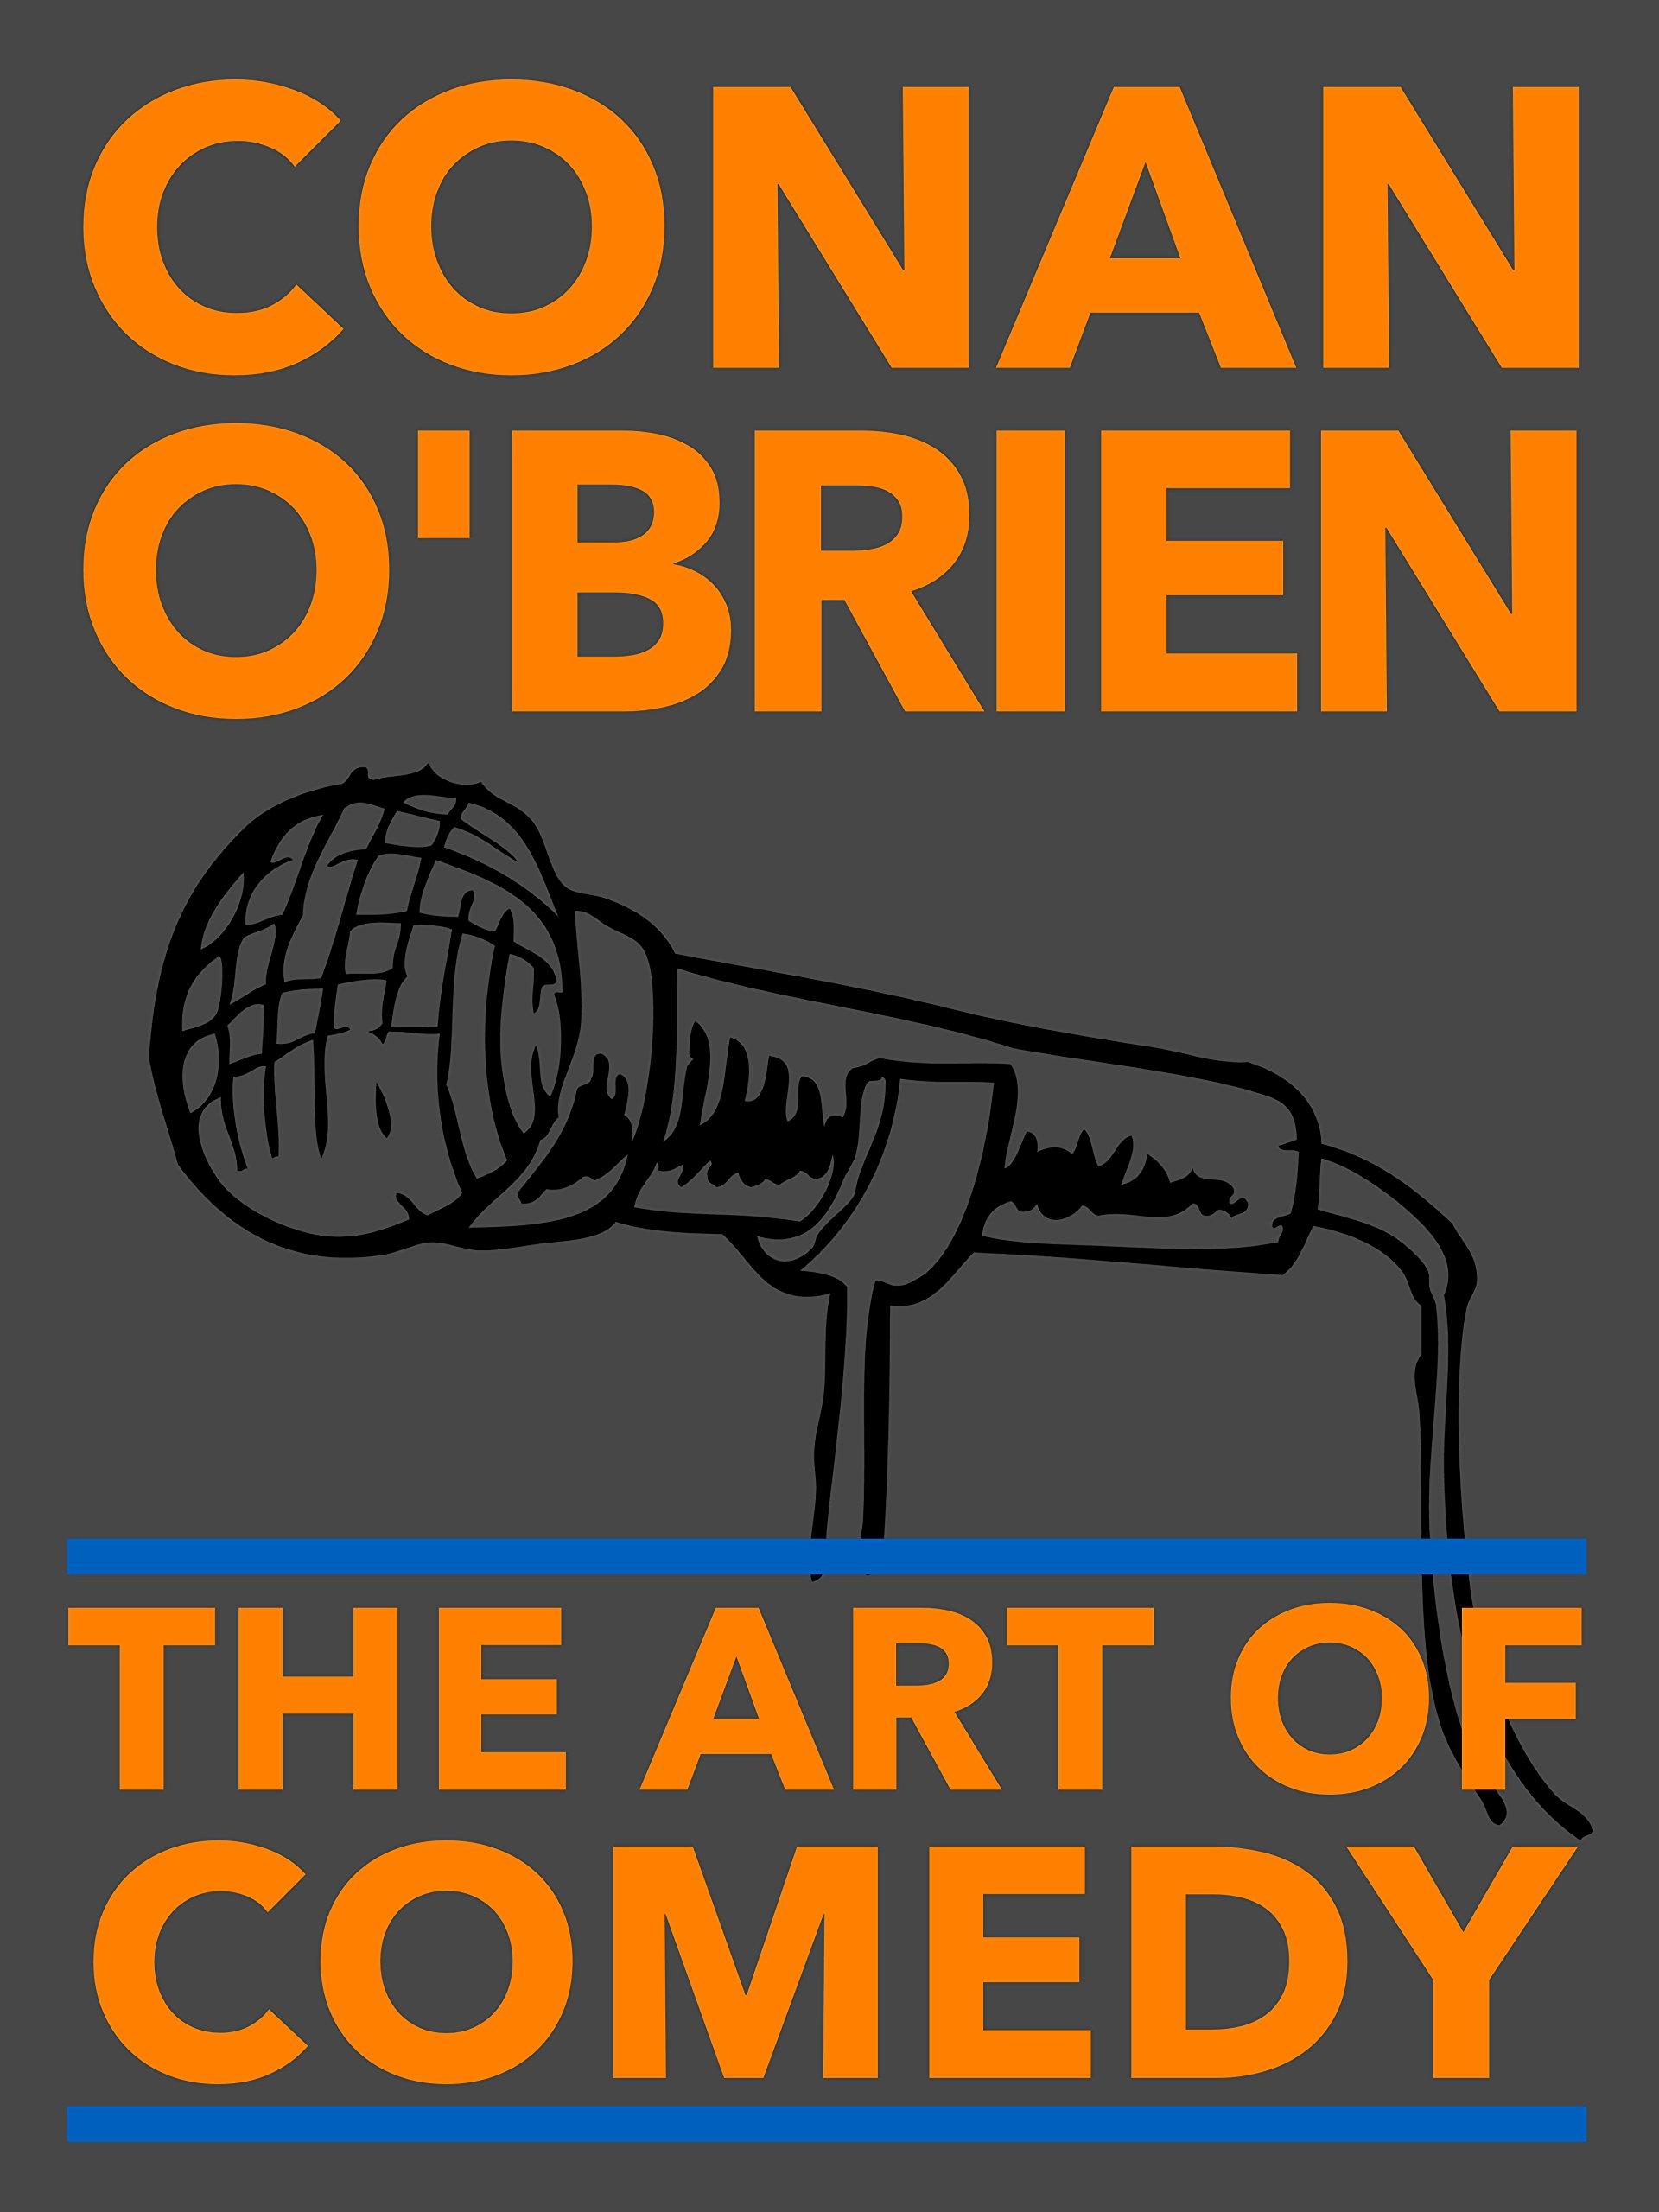 Conan O'Brien: The Art of Comedy